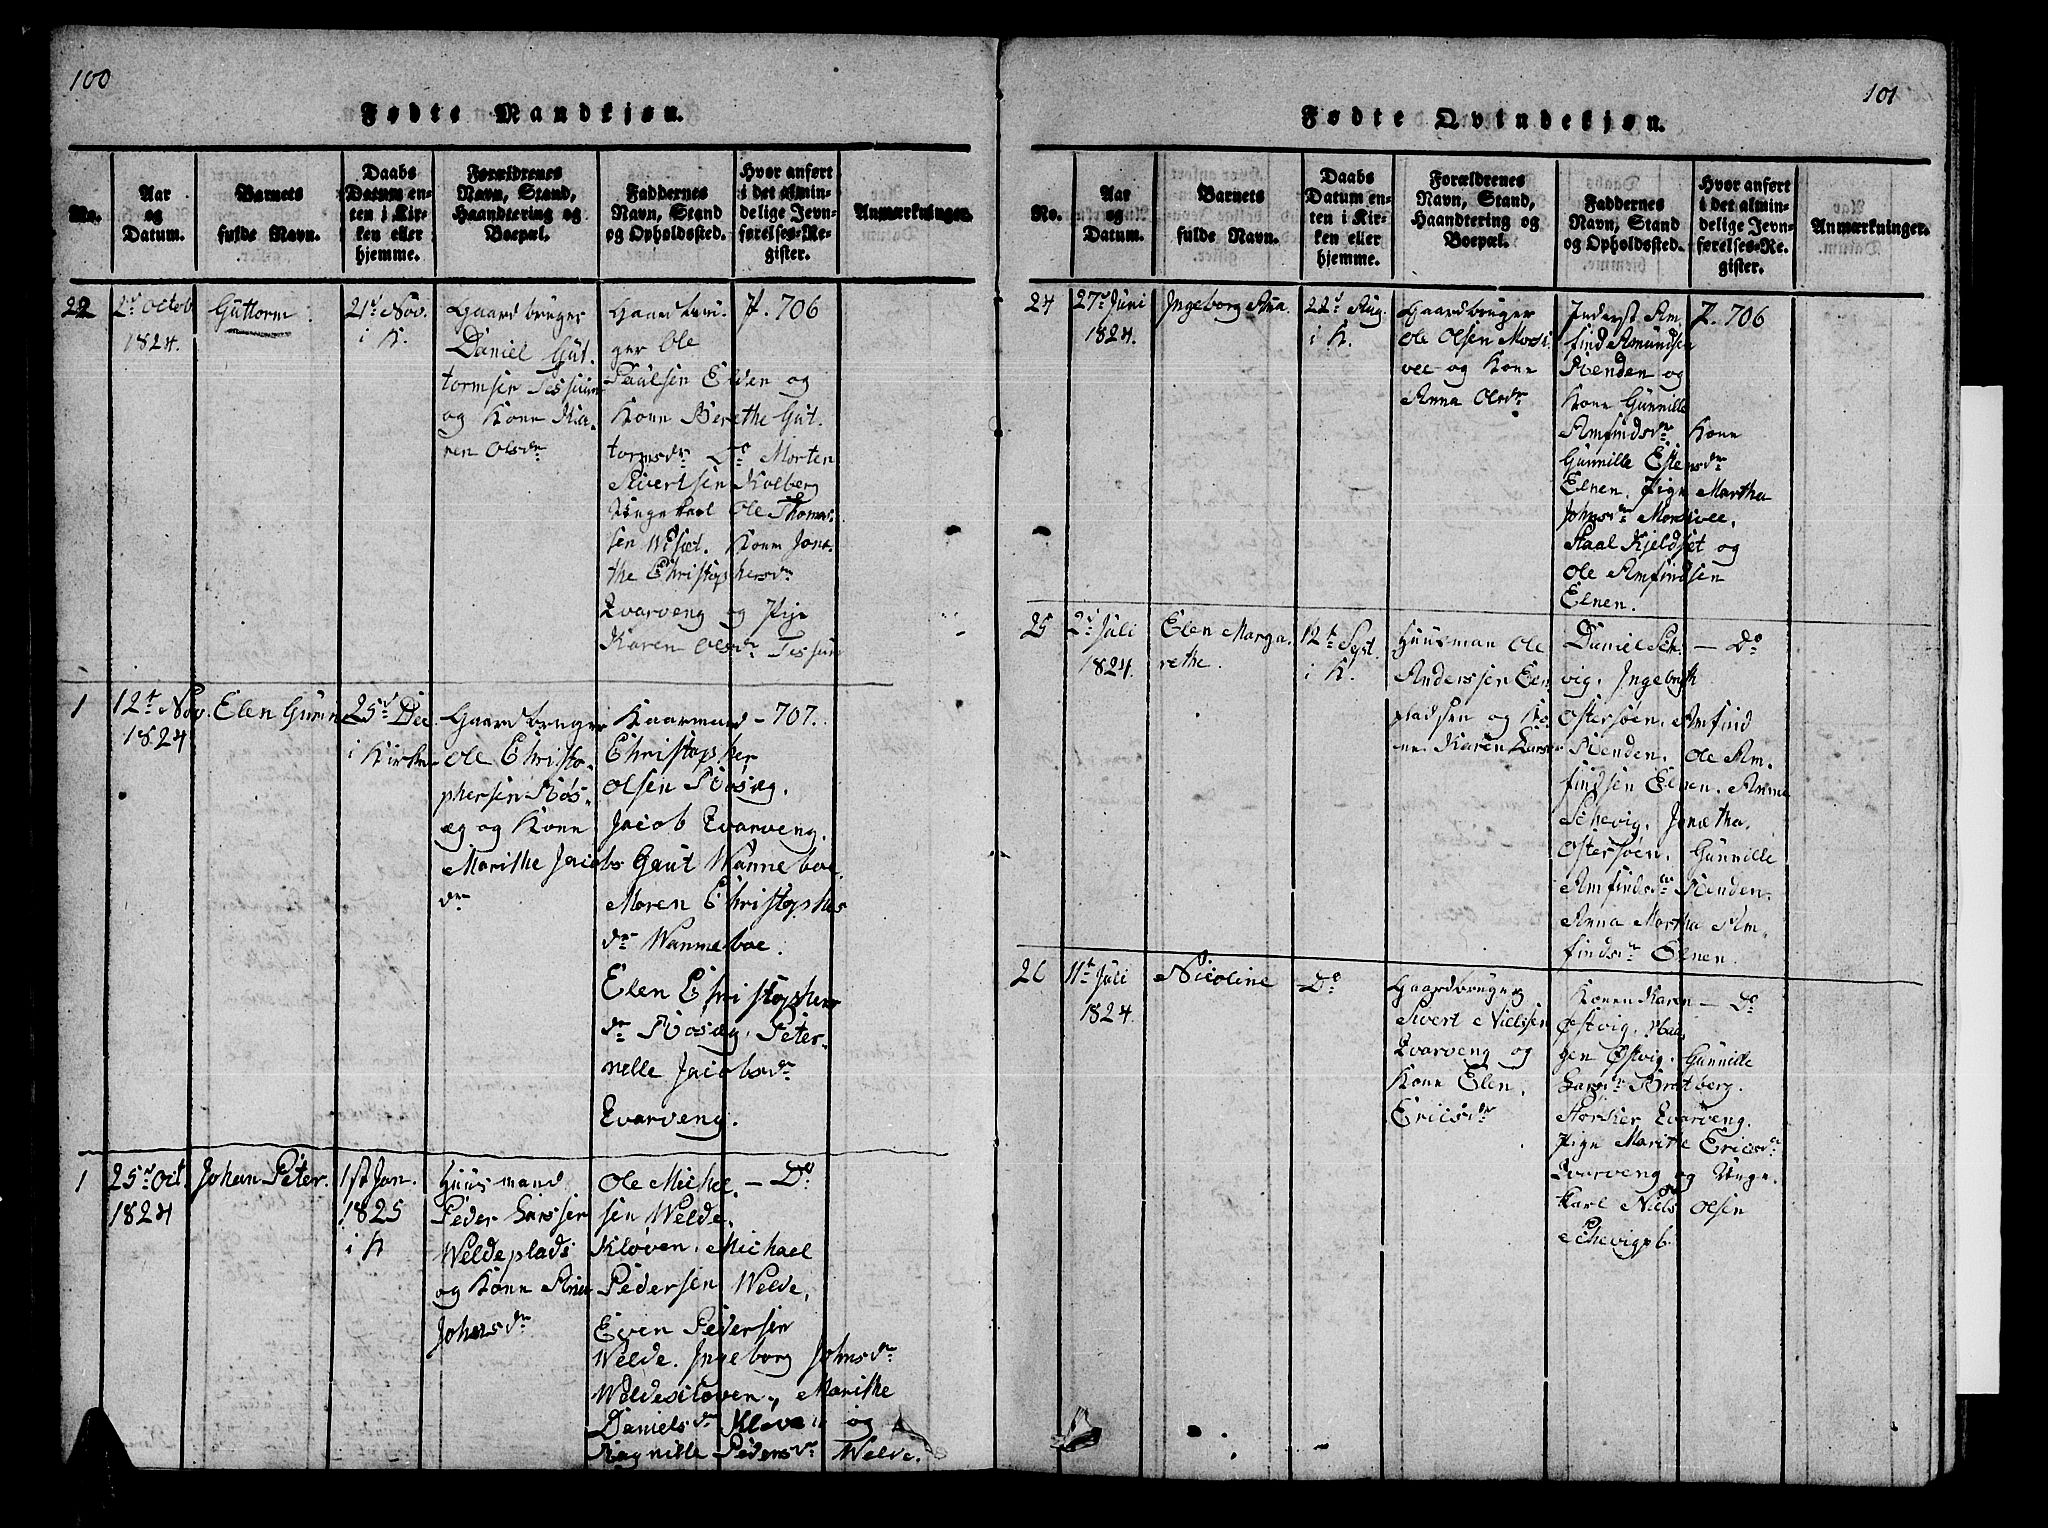 SAT, Ministerialprotokoller, klokkerbøker og fødselsregistre - Nord-Trøndelag, 741/L0400: Klokkerbok nr. 741C01, 1817-1825, s. 100-101